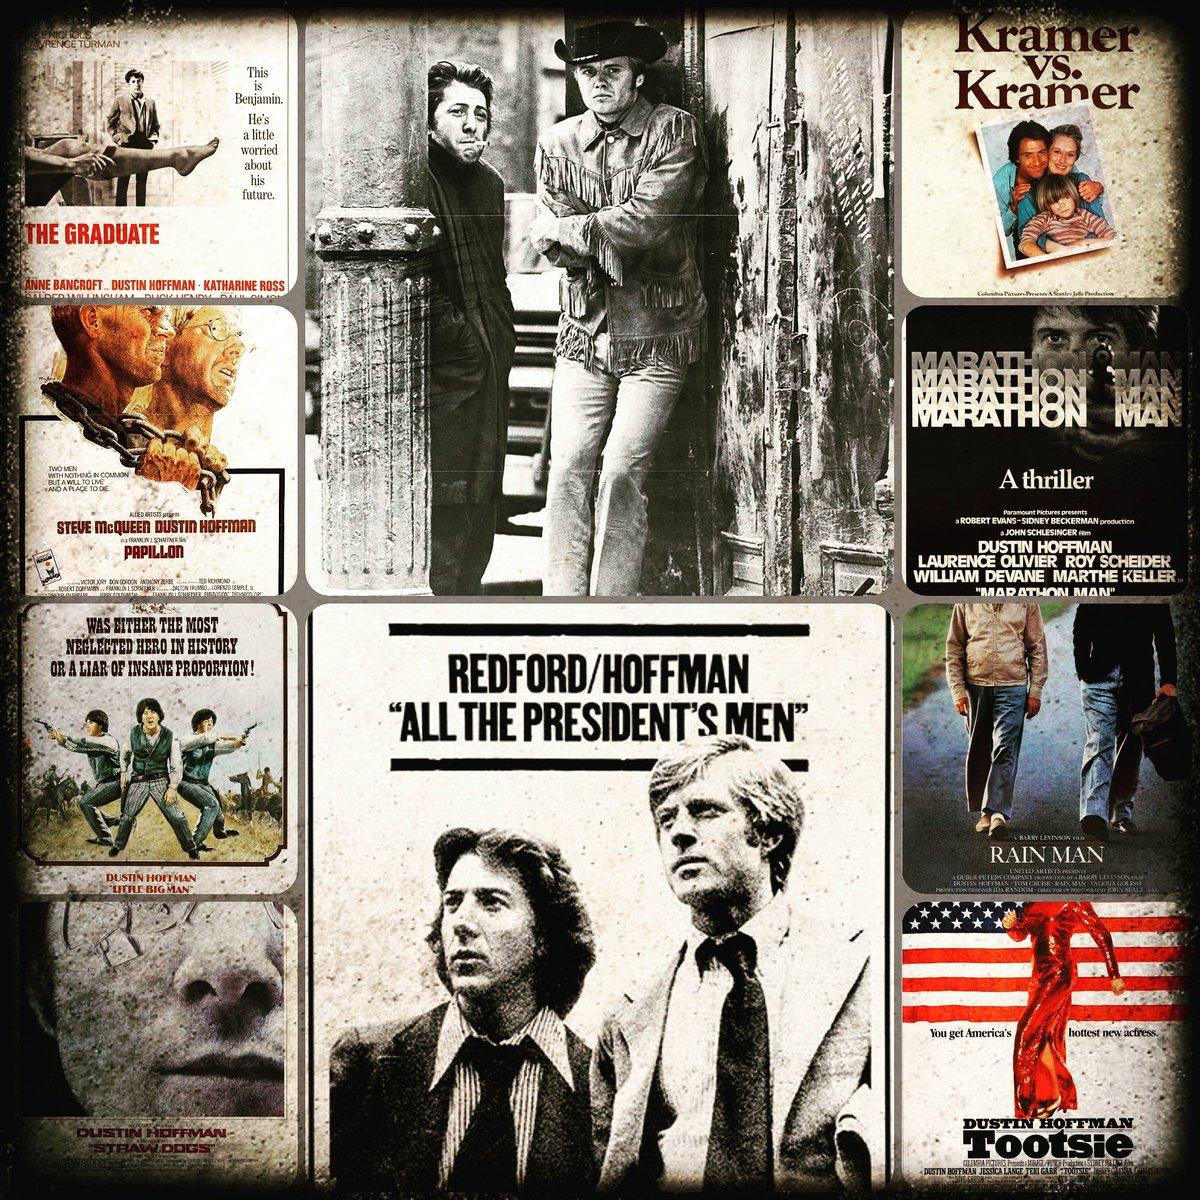 Cuál es tu pelicula preferida de Dustin Hoffman? What'syourfavoriteDustin Hoffmanmovie? #favoritefilm #peliculafavorita #videoteca #favoritemovie #filmoteca #loftconstancia #coleccionista #colección #septimoarte #cinencasa #bluray #pasionporelcine  #dustinhoffmanpic.twitter.com/yy91g04yLM